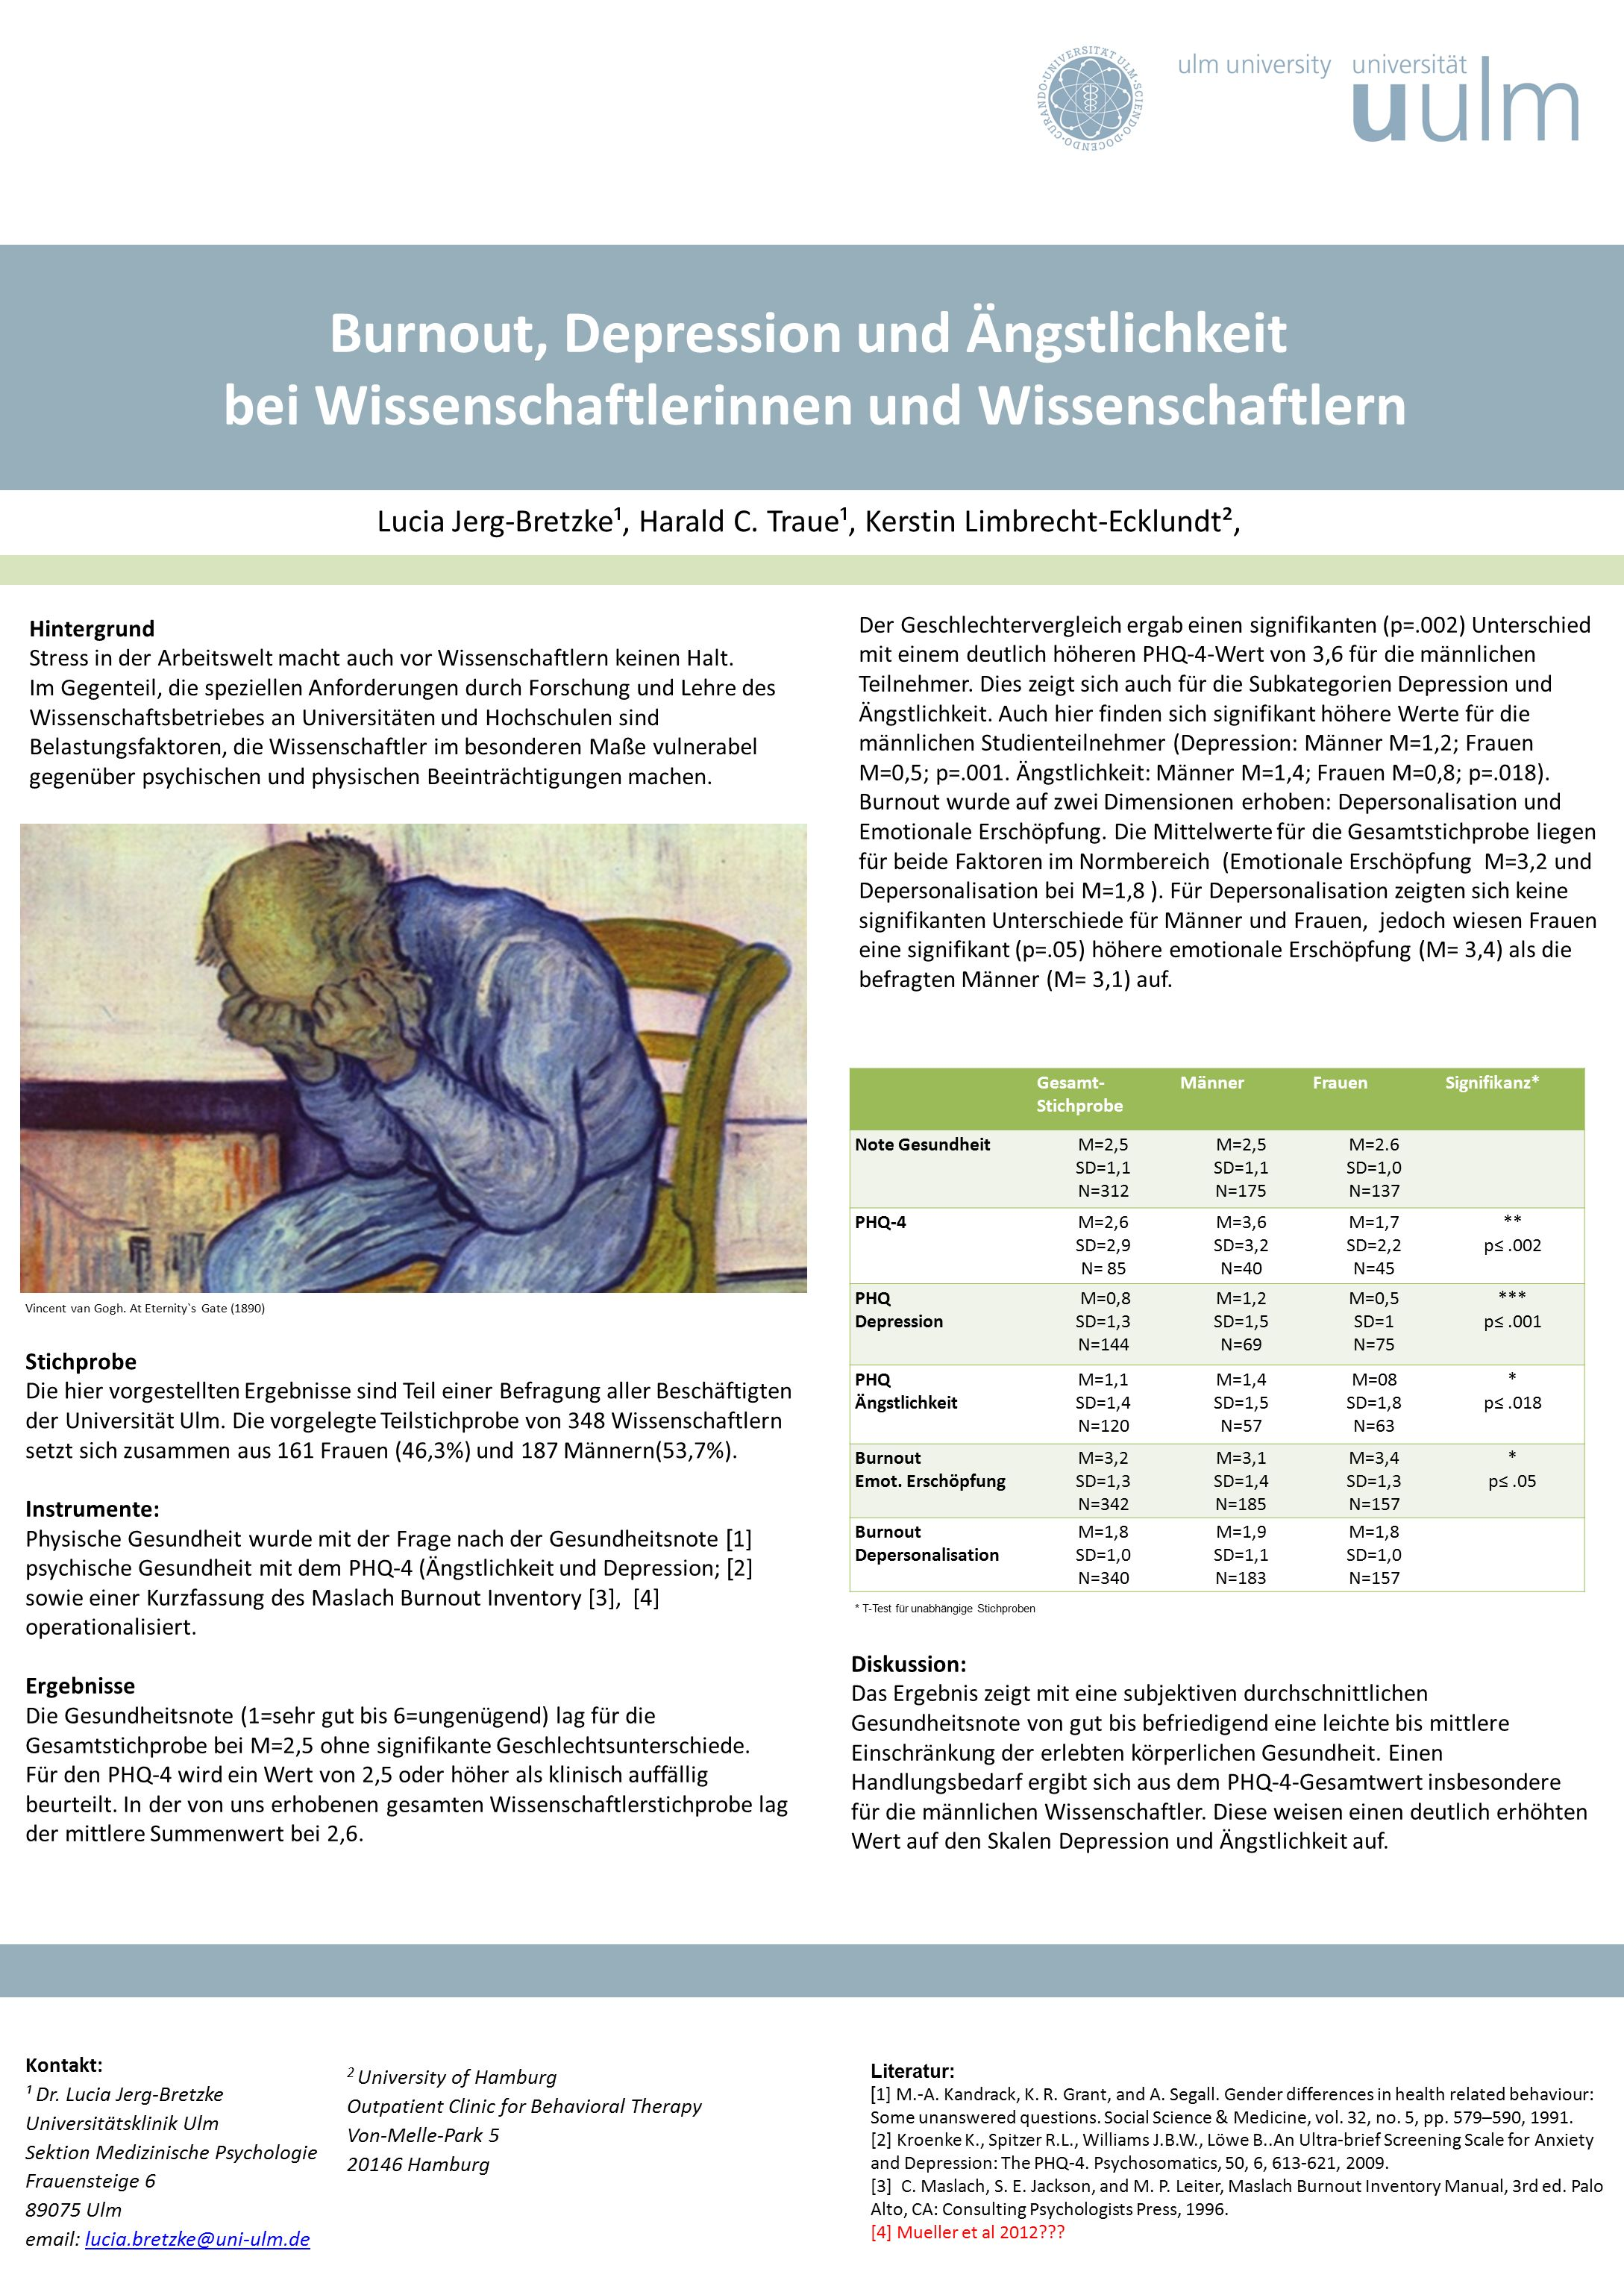 Burnout, Depression und Ängstlichkeit bei Wissenschaftlerinnen und Wissenschaftlern Lucia Jerg-Bretzke¹, Harald C. Traue¹, Kerstin Limbrecht-Ecklundt²